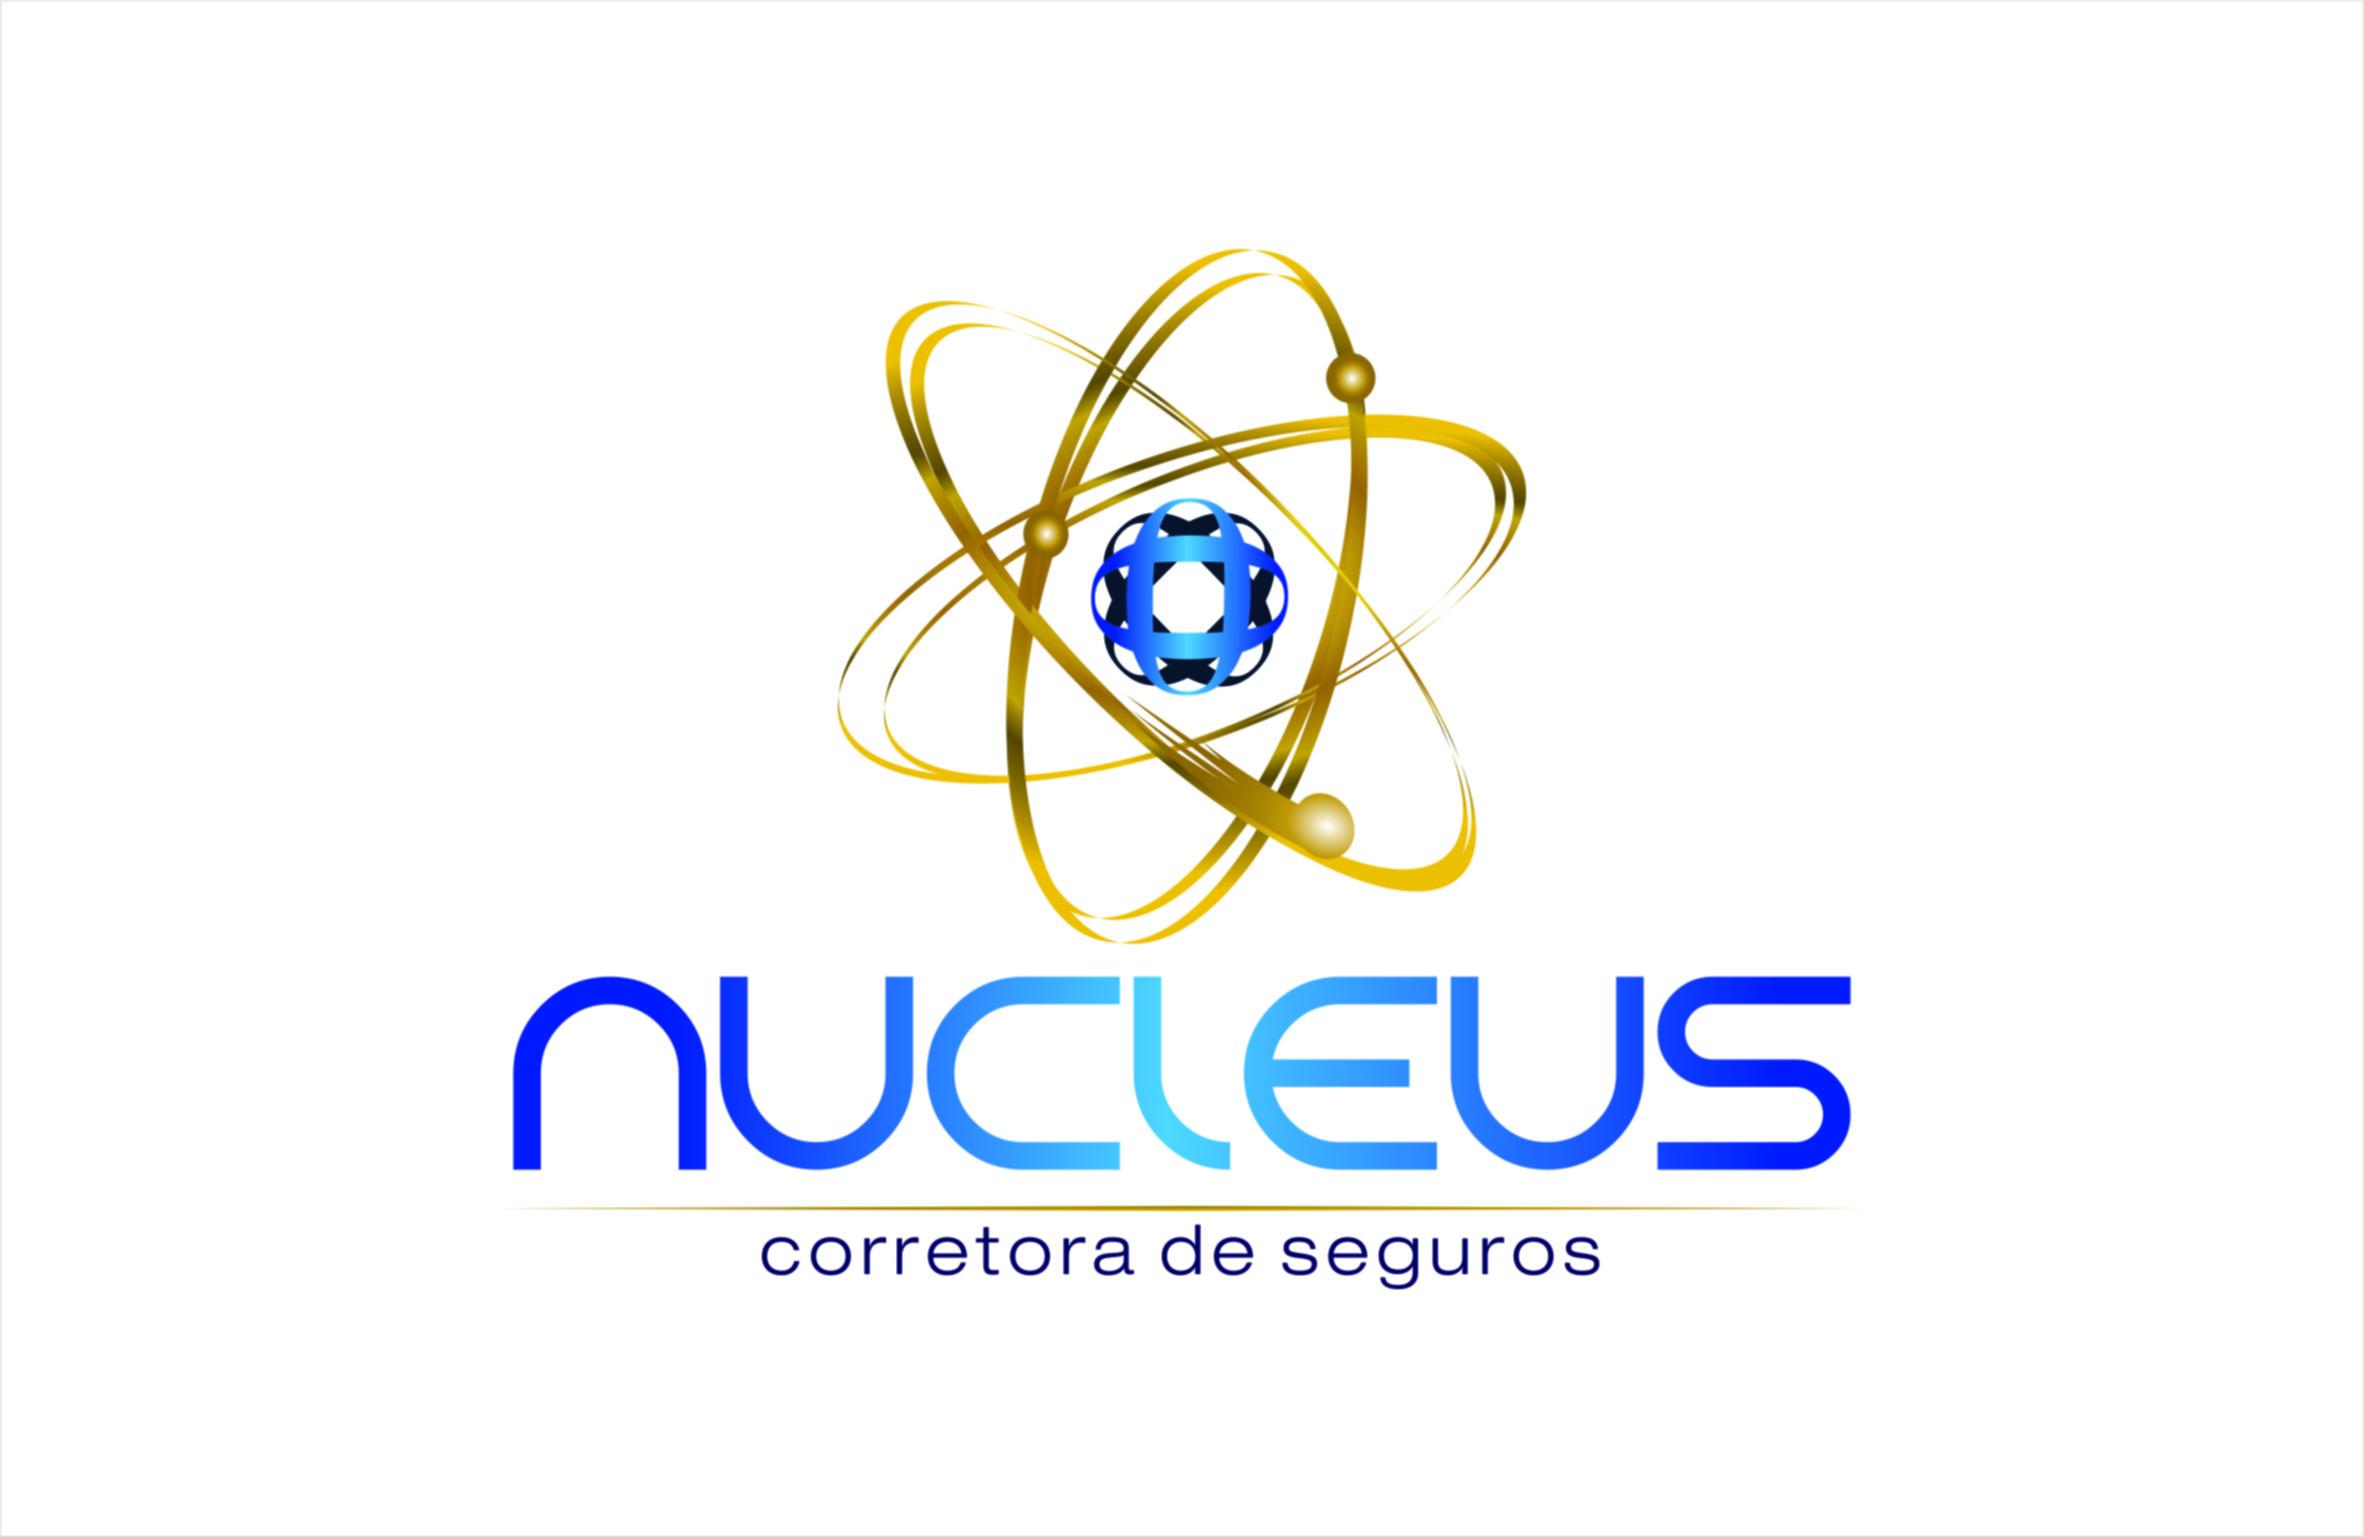 Nucleus Seguros - Cartão de Crédito Porto Seguro | Corretora